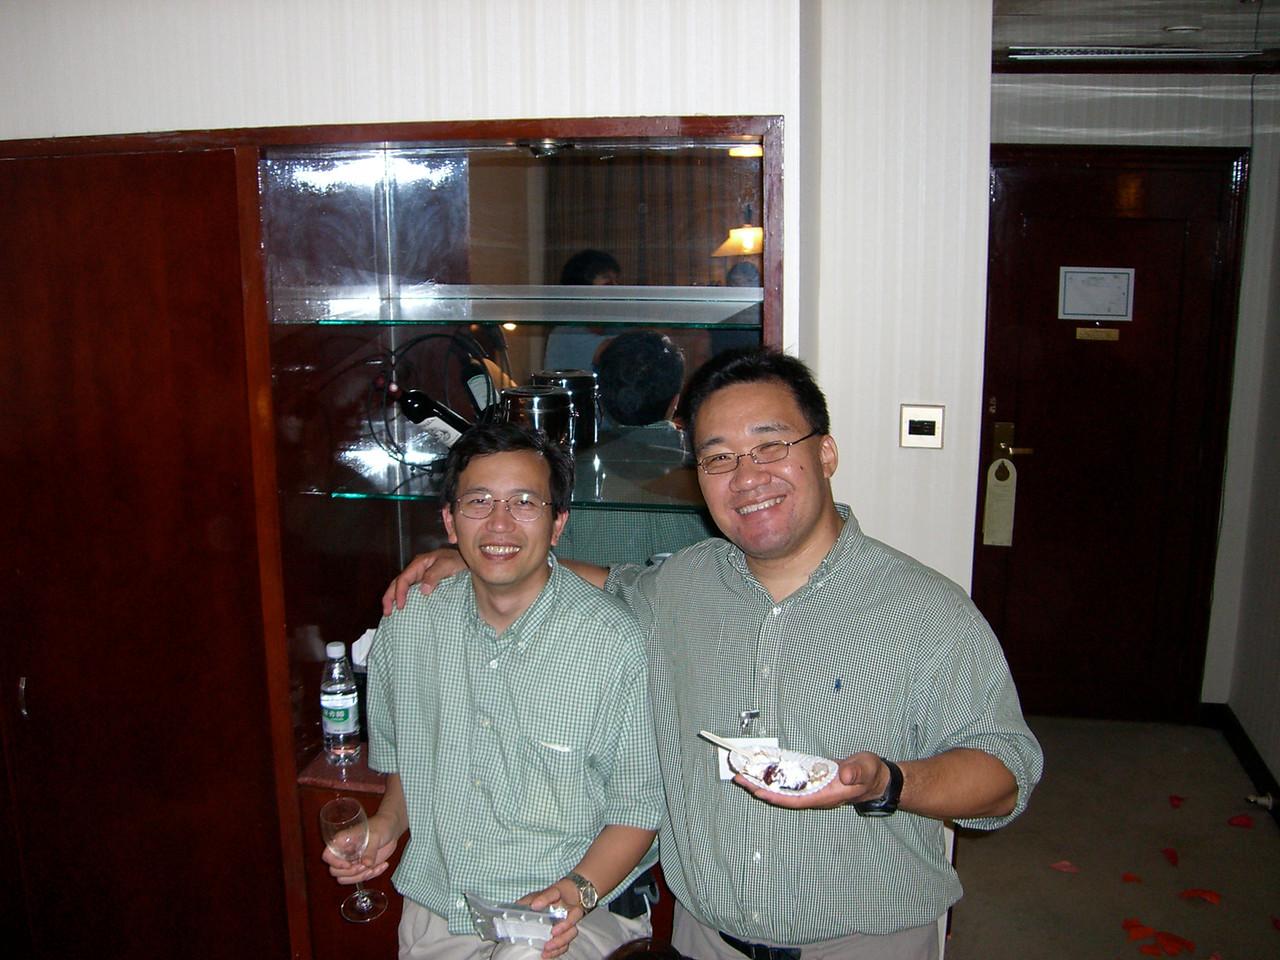 2006 07 15 Sat - Twins Wonjae Kang & Paul Lee